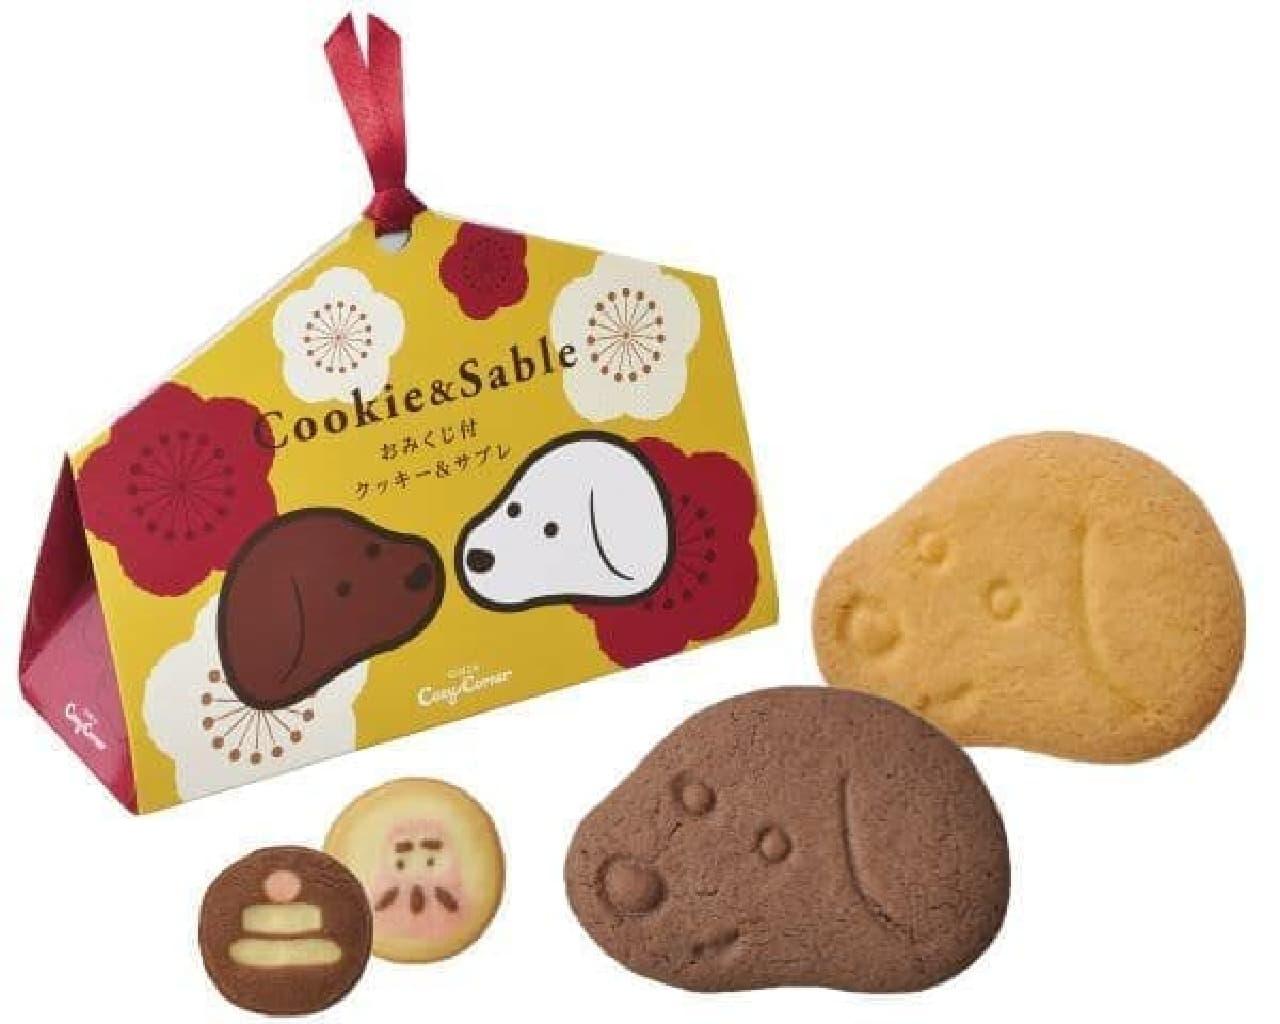 おみくじ付クッキー&サブレはだるまと鏡餅柄のかわいいクッキーと小犬サブレの詰め合わせ